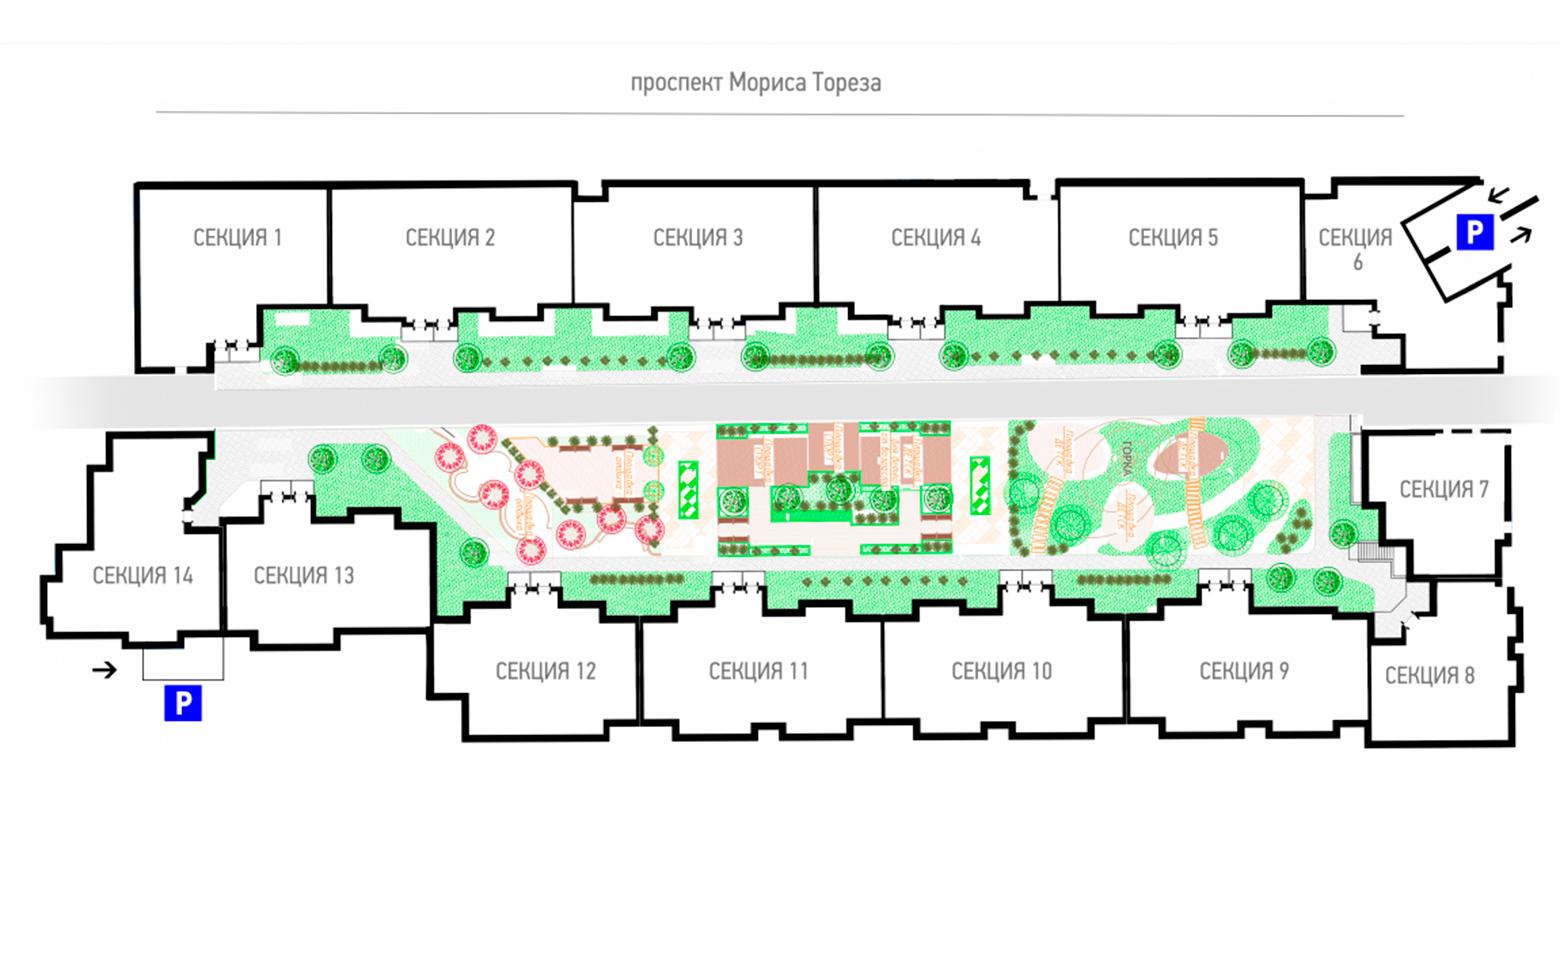 План жилого комплекса ЖК Сосновка на Тореза 77